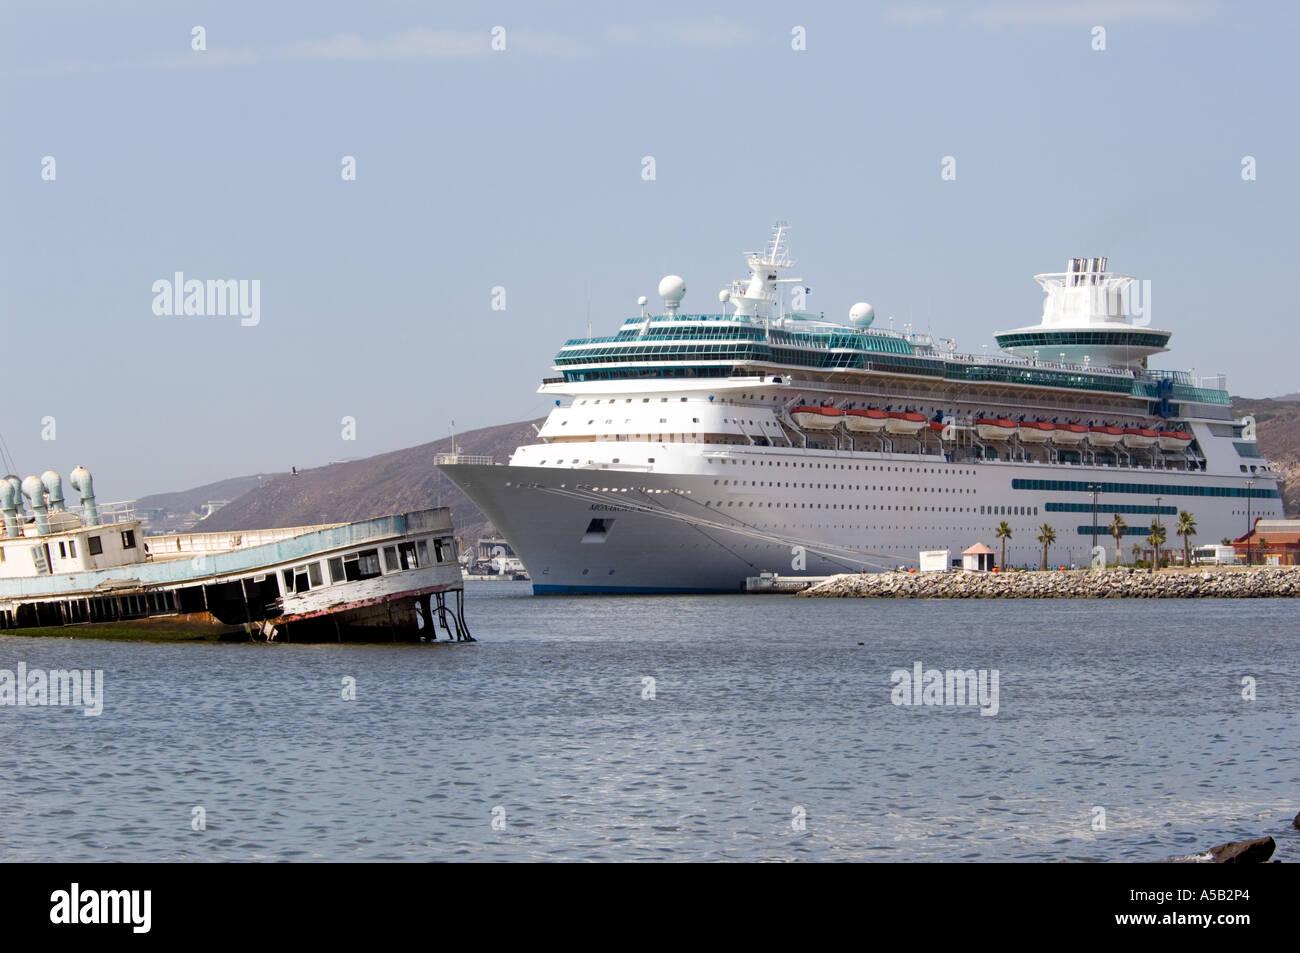 Cruise Ship With Sunken Ferry Ensenada Mexico Stock Photo - Sunken cruise ships